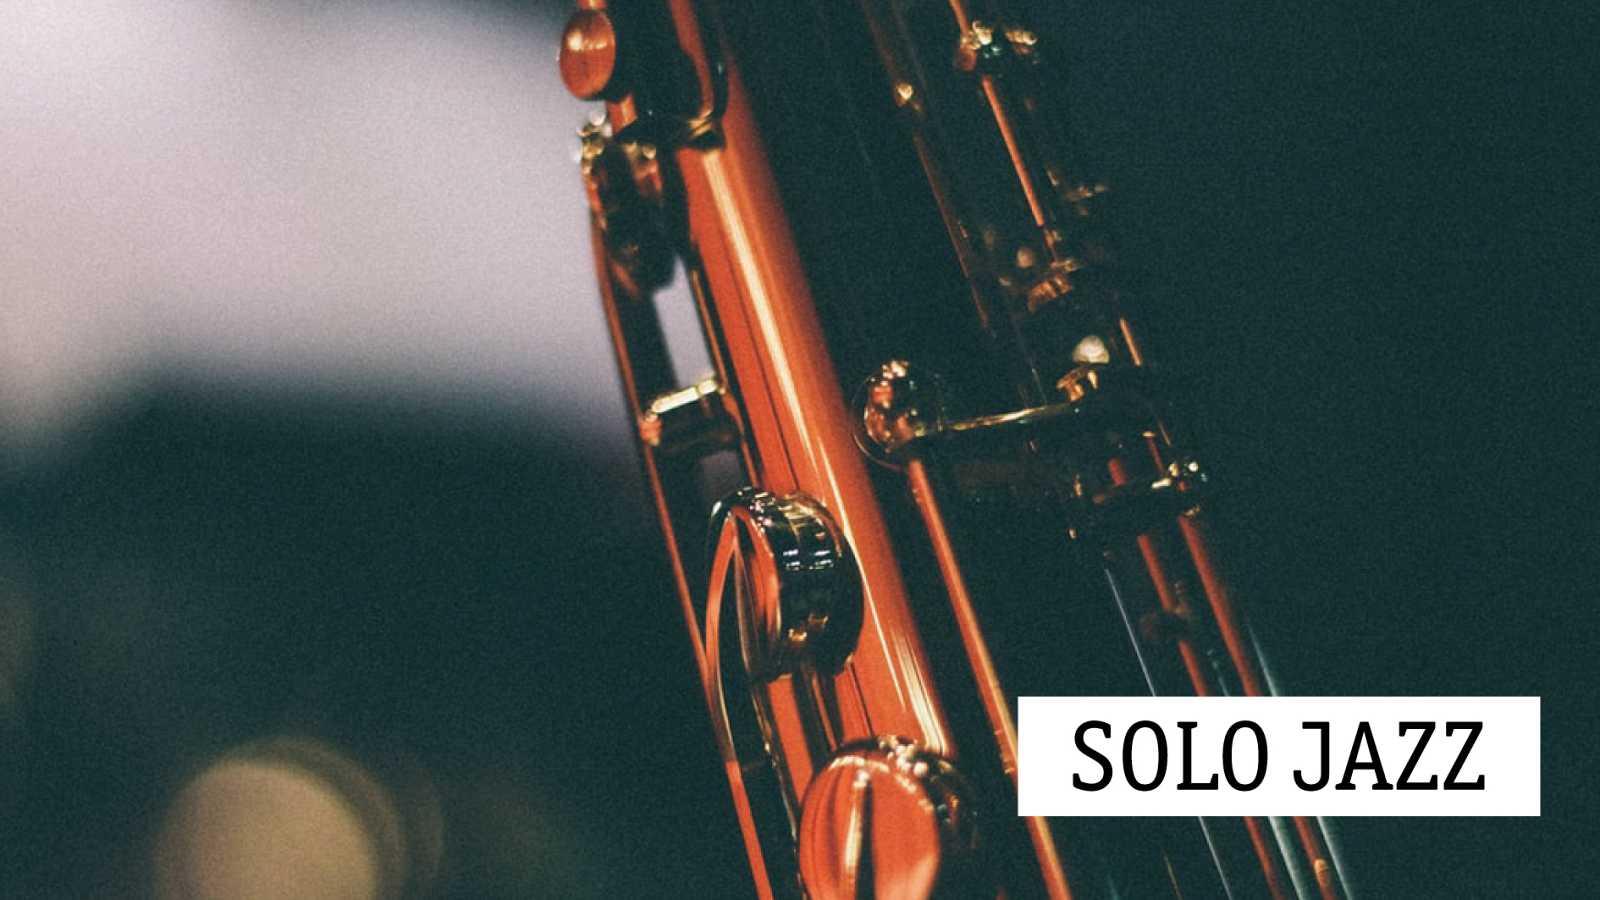 Solo jazz - George Adams y Don Pullen: Una pareja singular - 08/06/20 - escuchar ahora